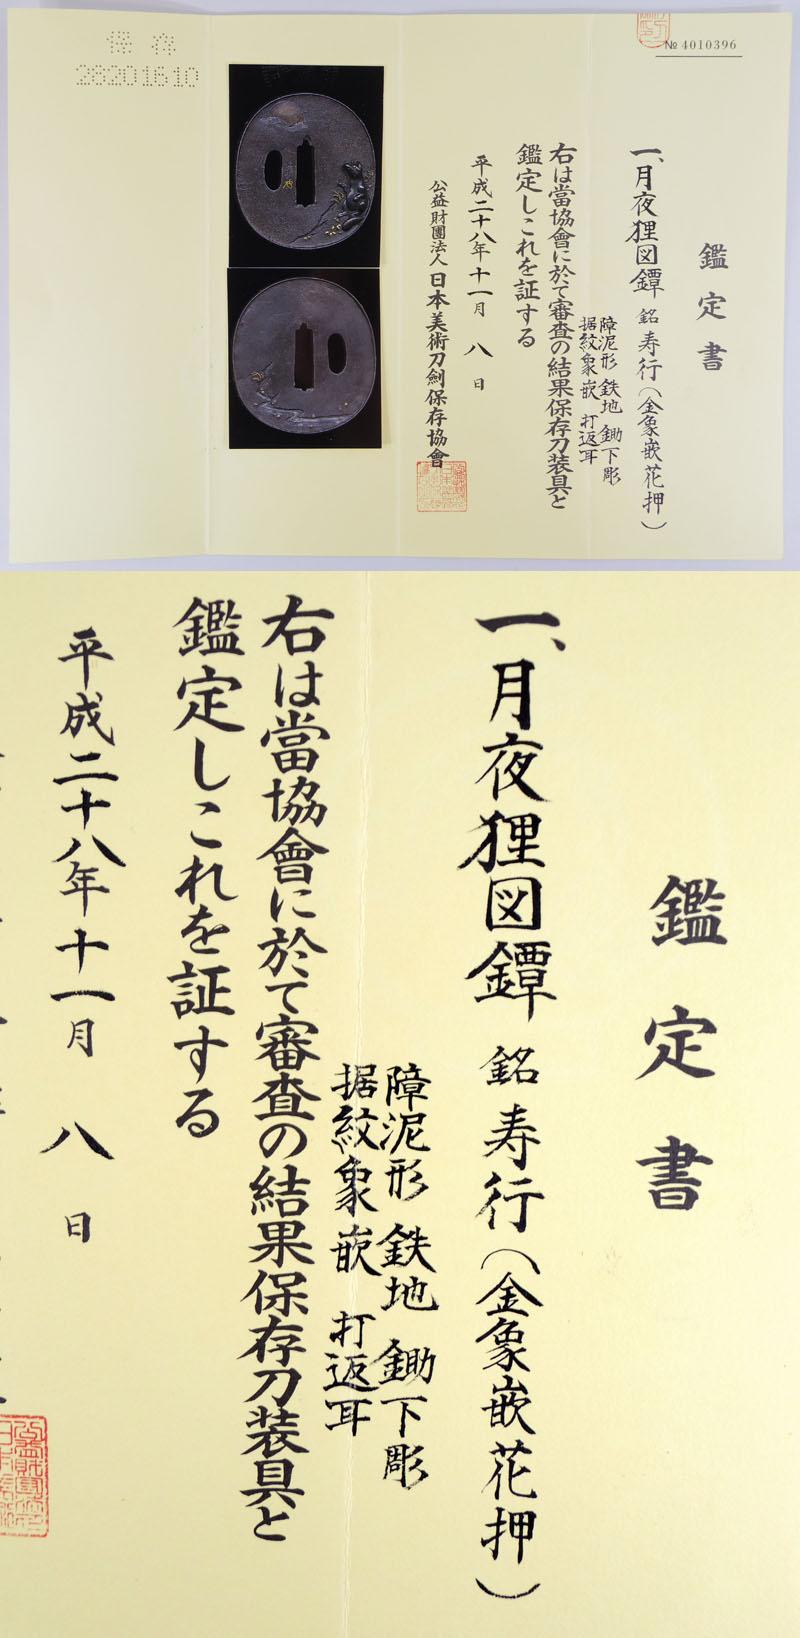 月夜狸図鍔 寿行(金象嵌花押) Picture of Certificate